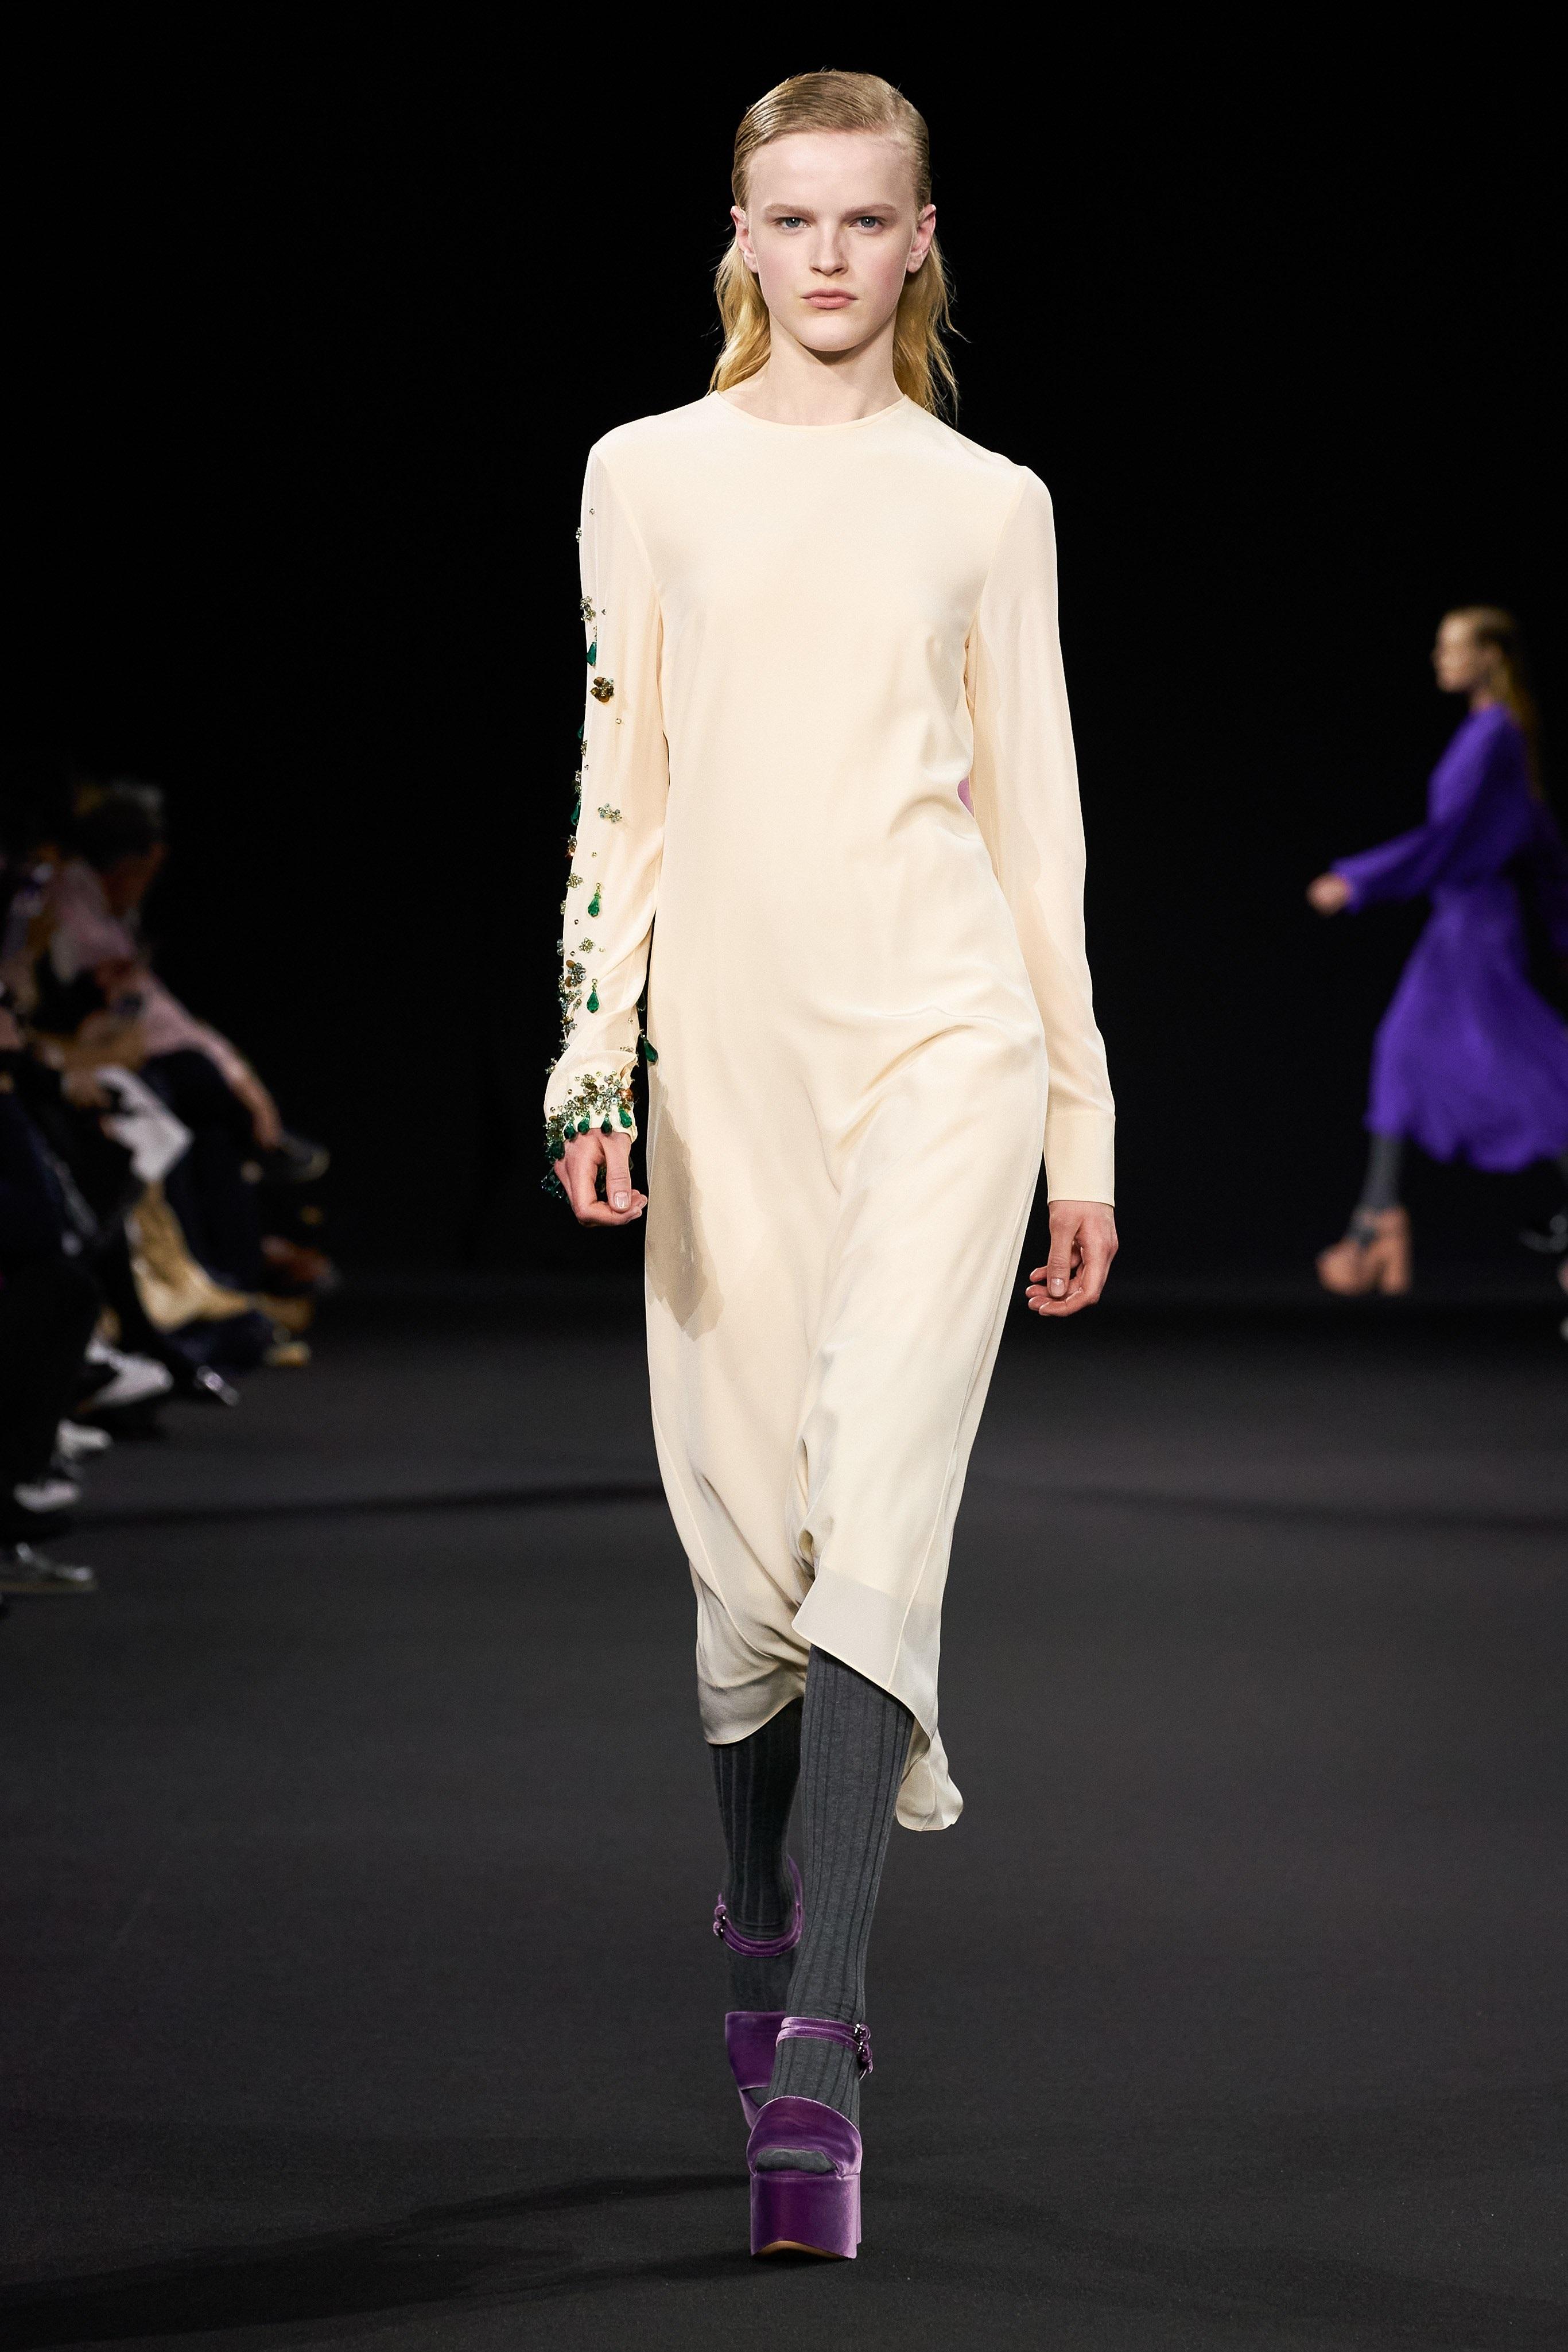 Thời trang nữ quyền của Dior tại Paris Fashion Week - 13